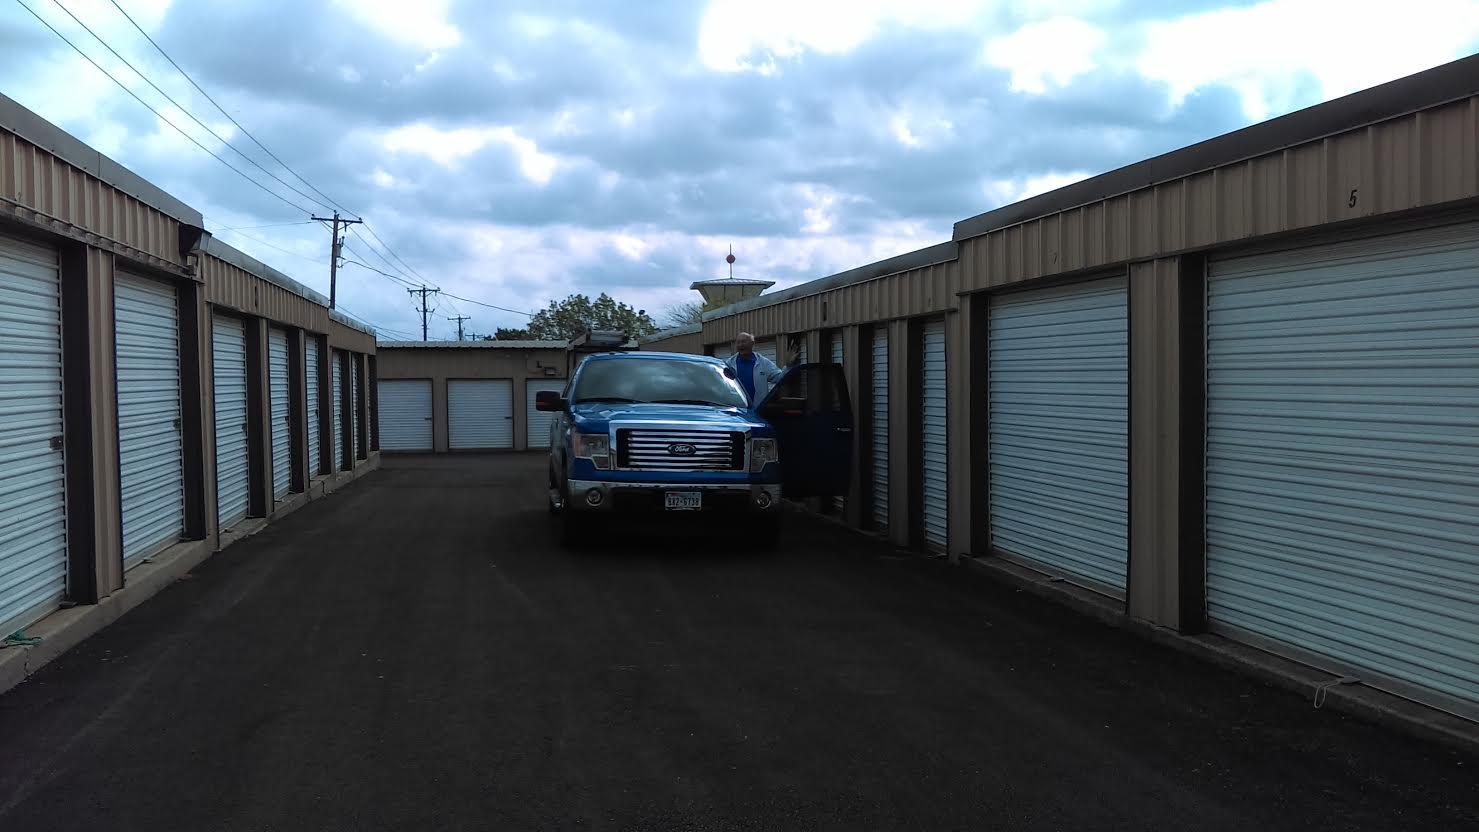 Car parked between storage buildings